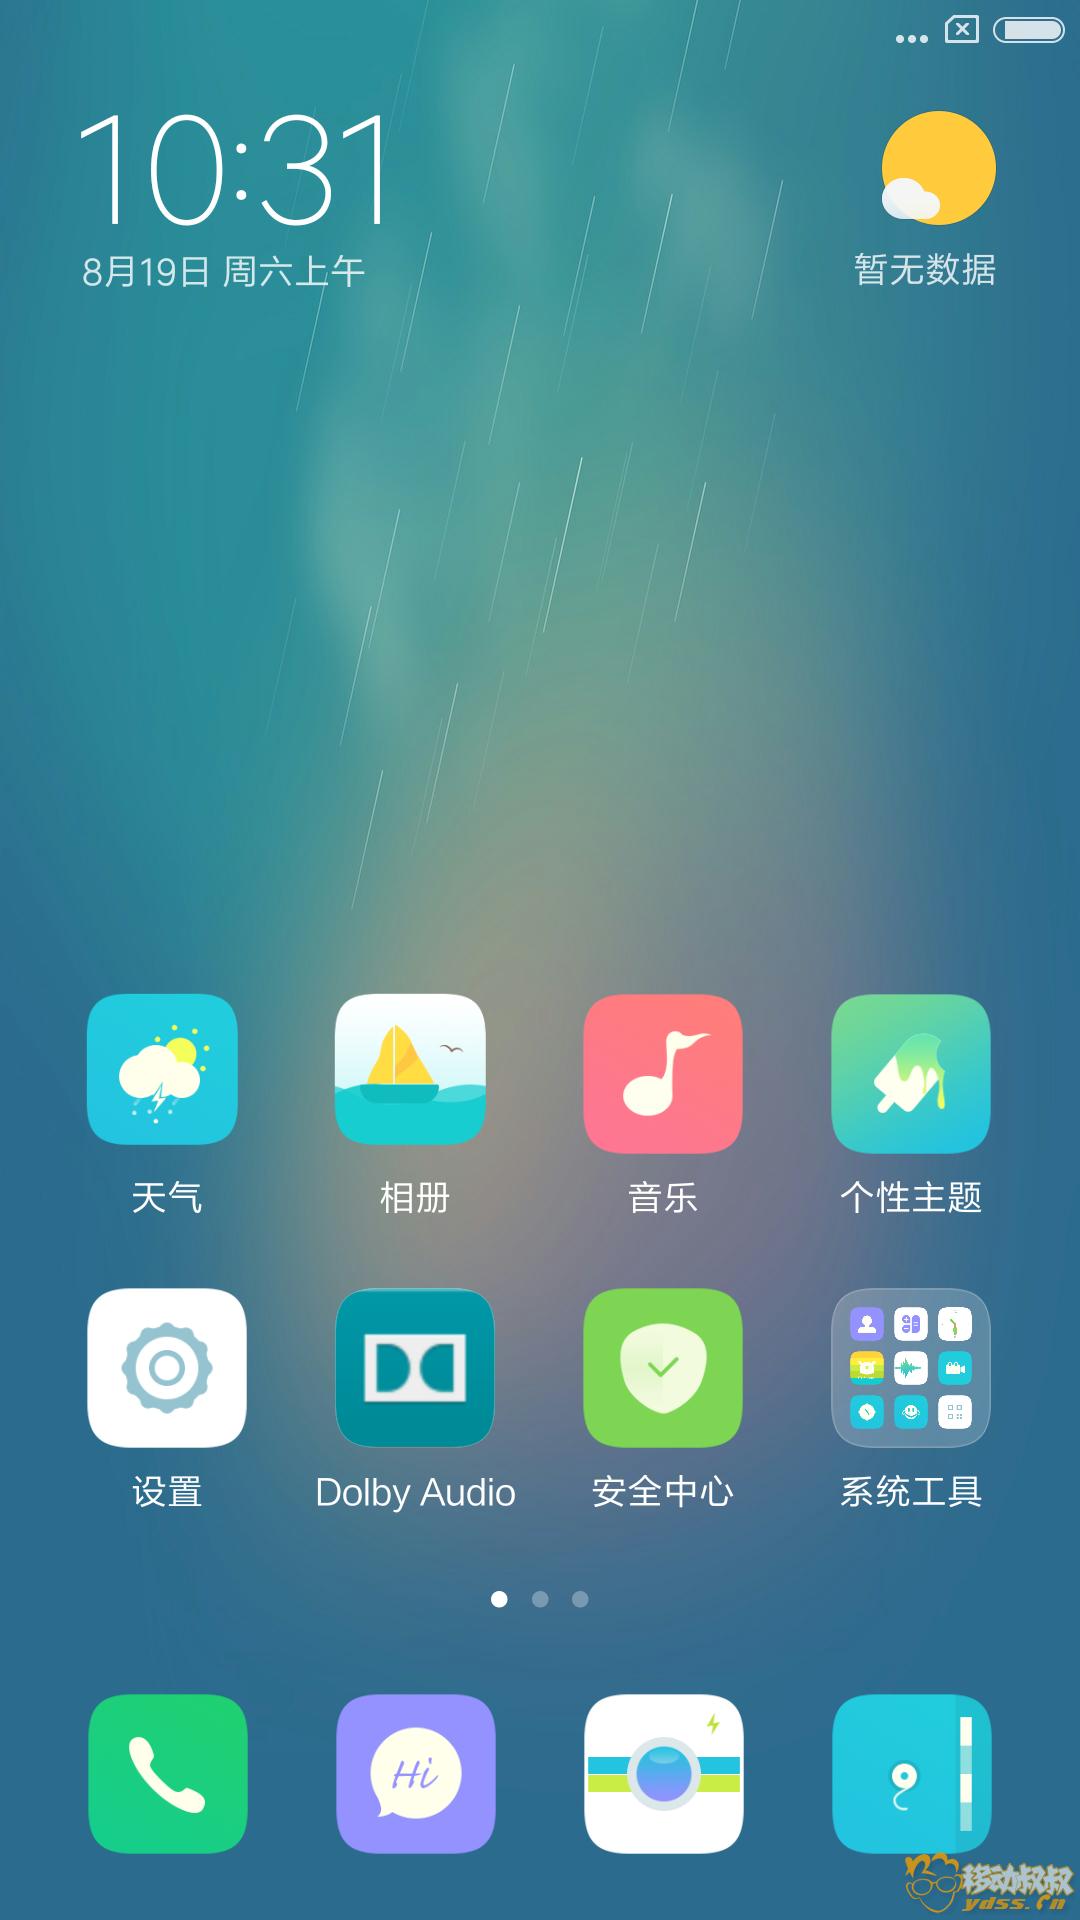 Screenshot_2017-08-19-10-31-02-416_com.miui.home.png